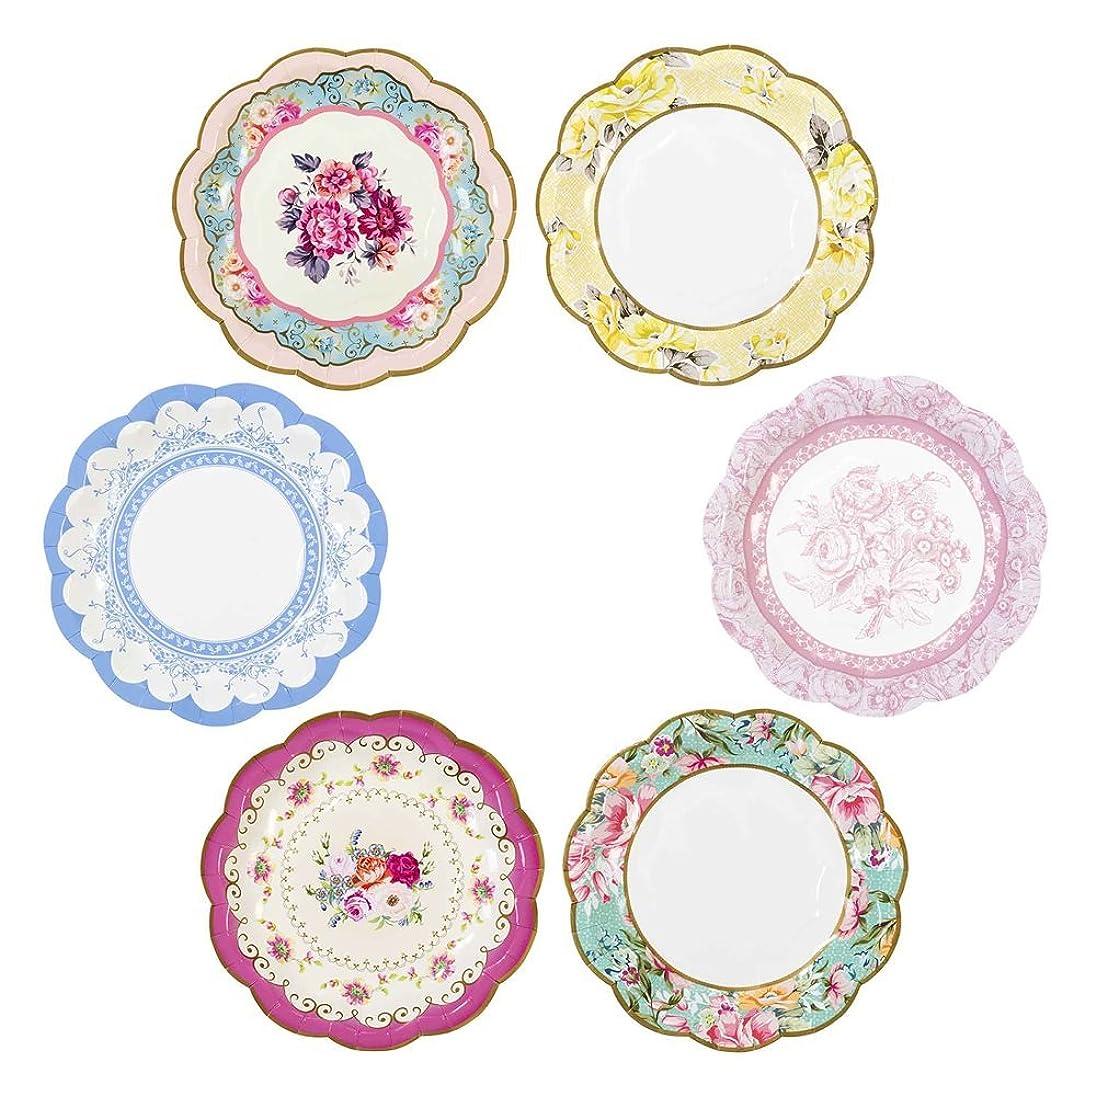 希少性耐えられない精神医学Talking Tables Truly Scrumptious Vintage Floral Teaパーティーやピクニックに使い捨てプレート、12カウント、6.75インチ、小型、マルチカラー